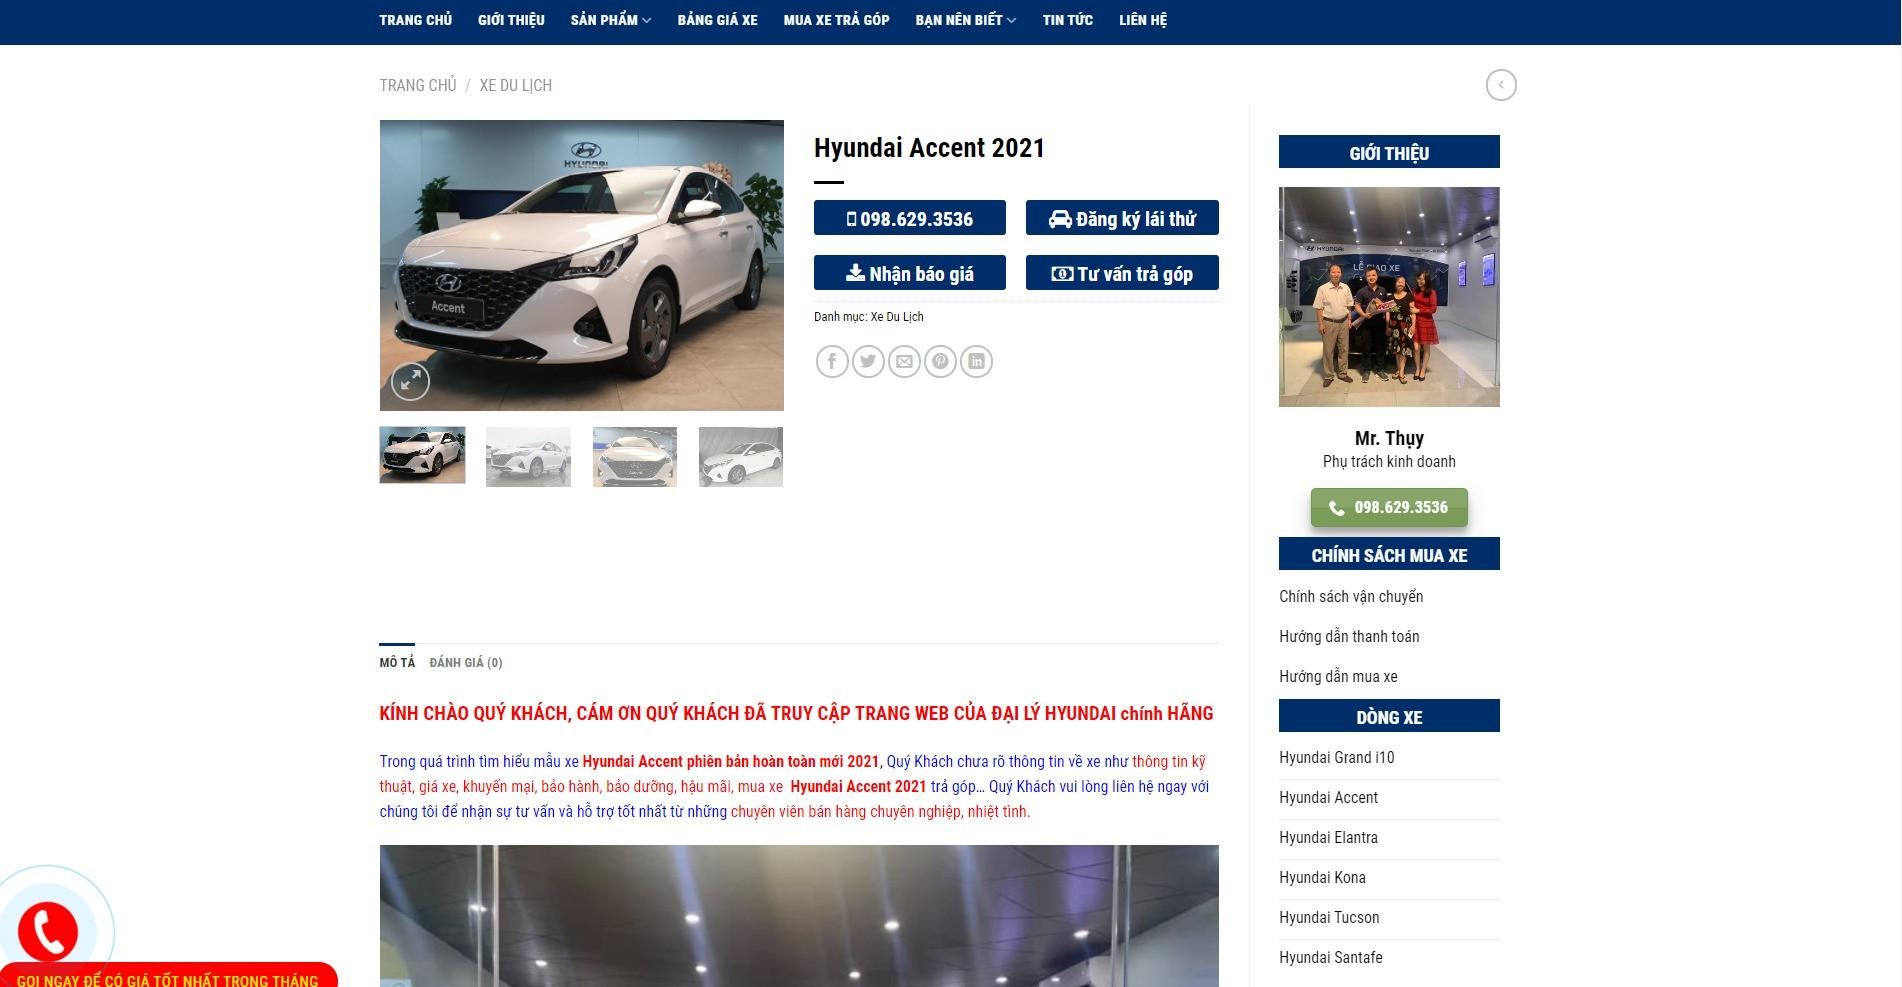 Trang chi tiết sản phẩm Hyundai Accent